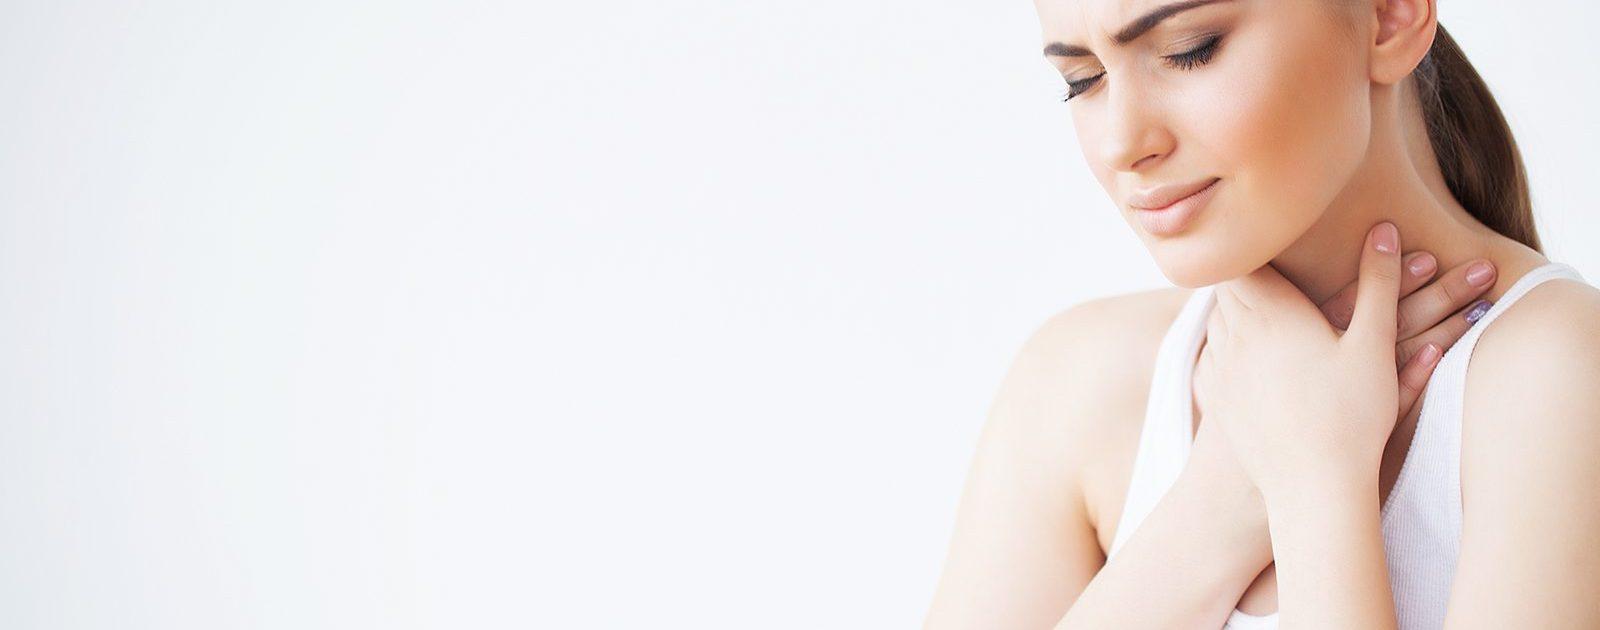 Frau mit Achalasie hält sich Hand an den Hals, da sie Schluckbeschwerden hat – ein typisches Symptom der Erkrankung.